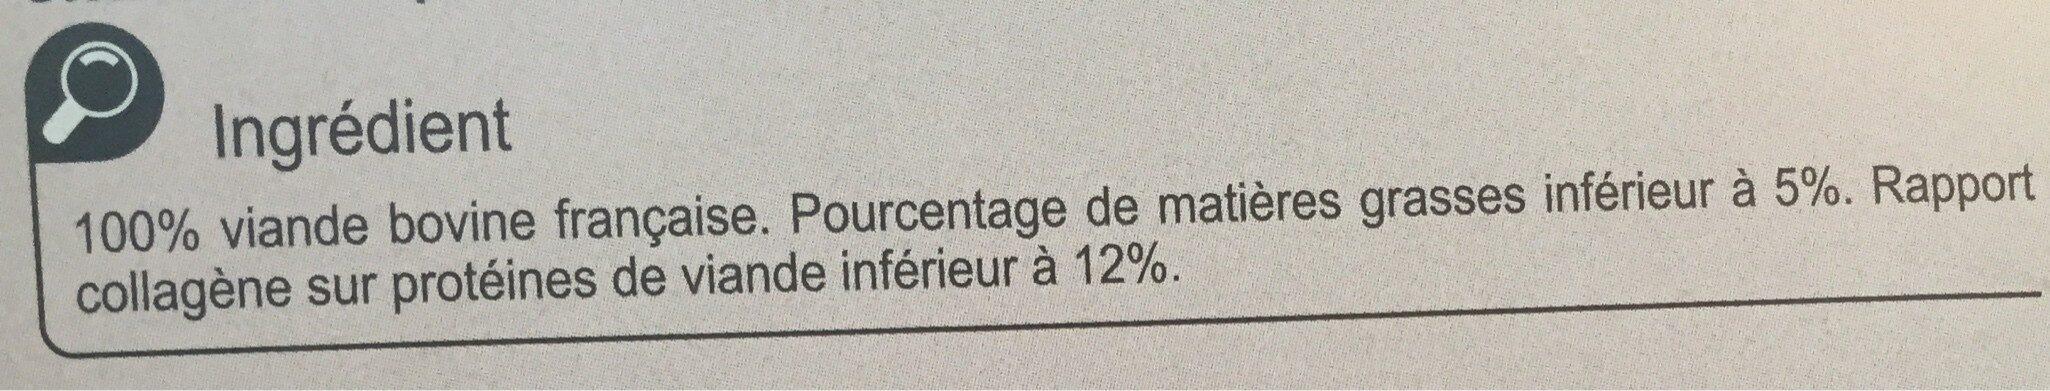 Steacks hachés le Pur Boeuf - Ingrédients - fr